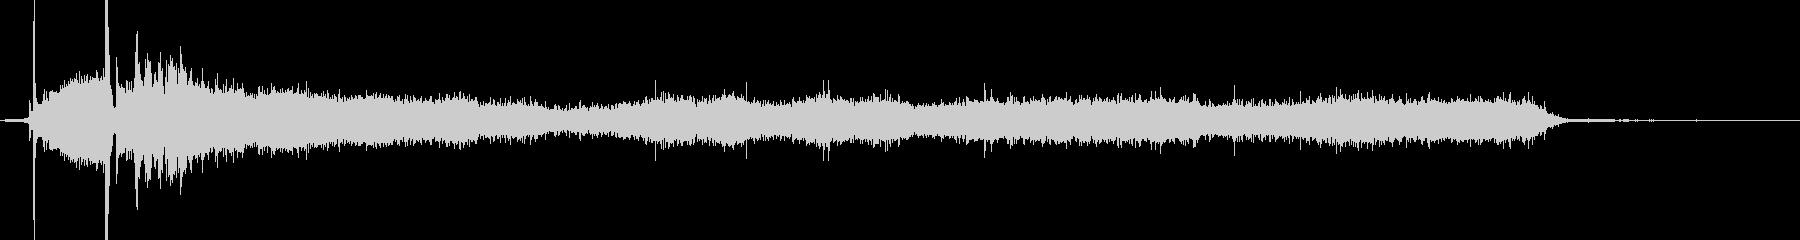 ハンドヘルドビデシャワーの未再生の波形